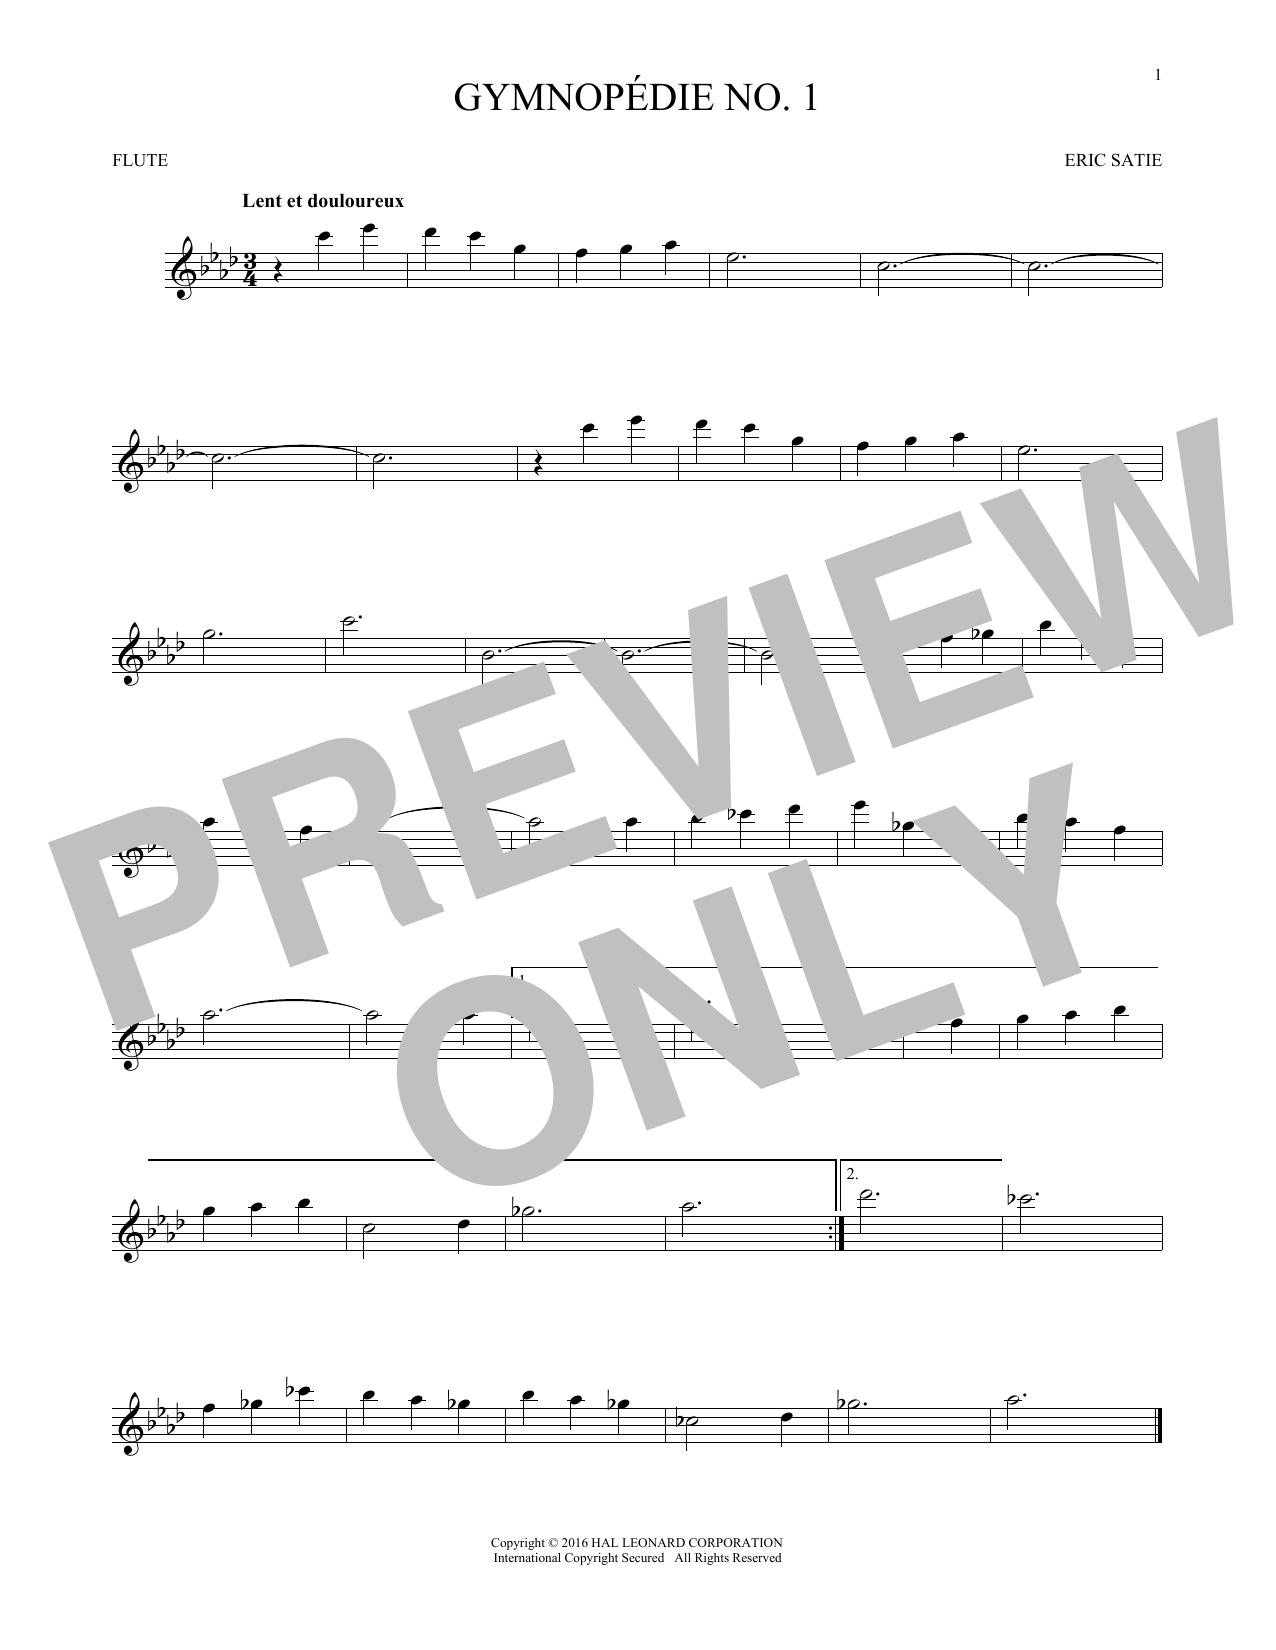 Gymnopedie No. 1 (Flute Solo)